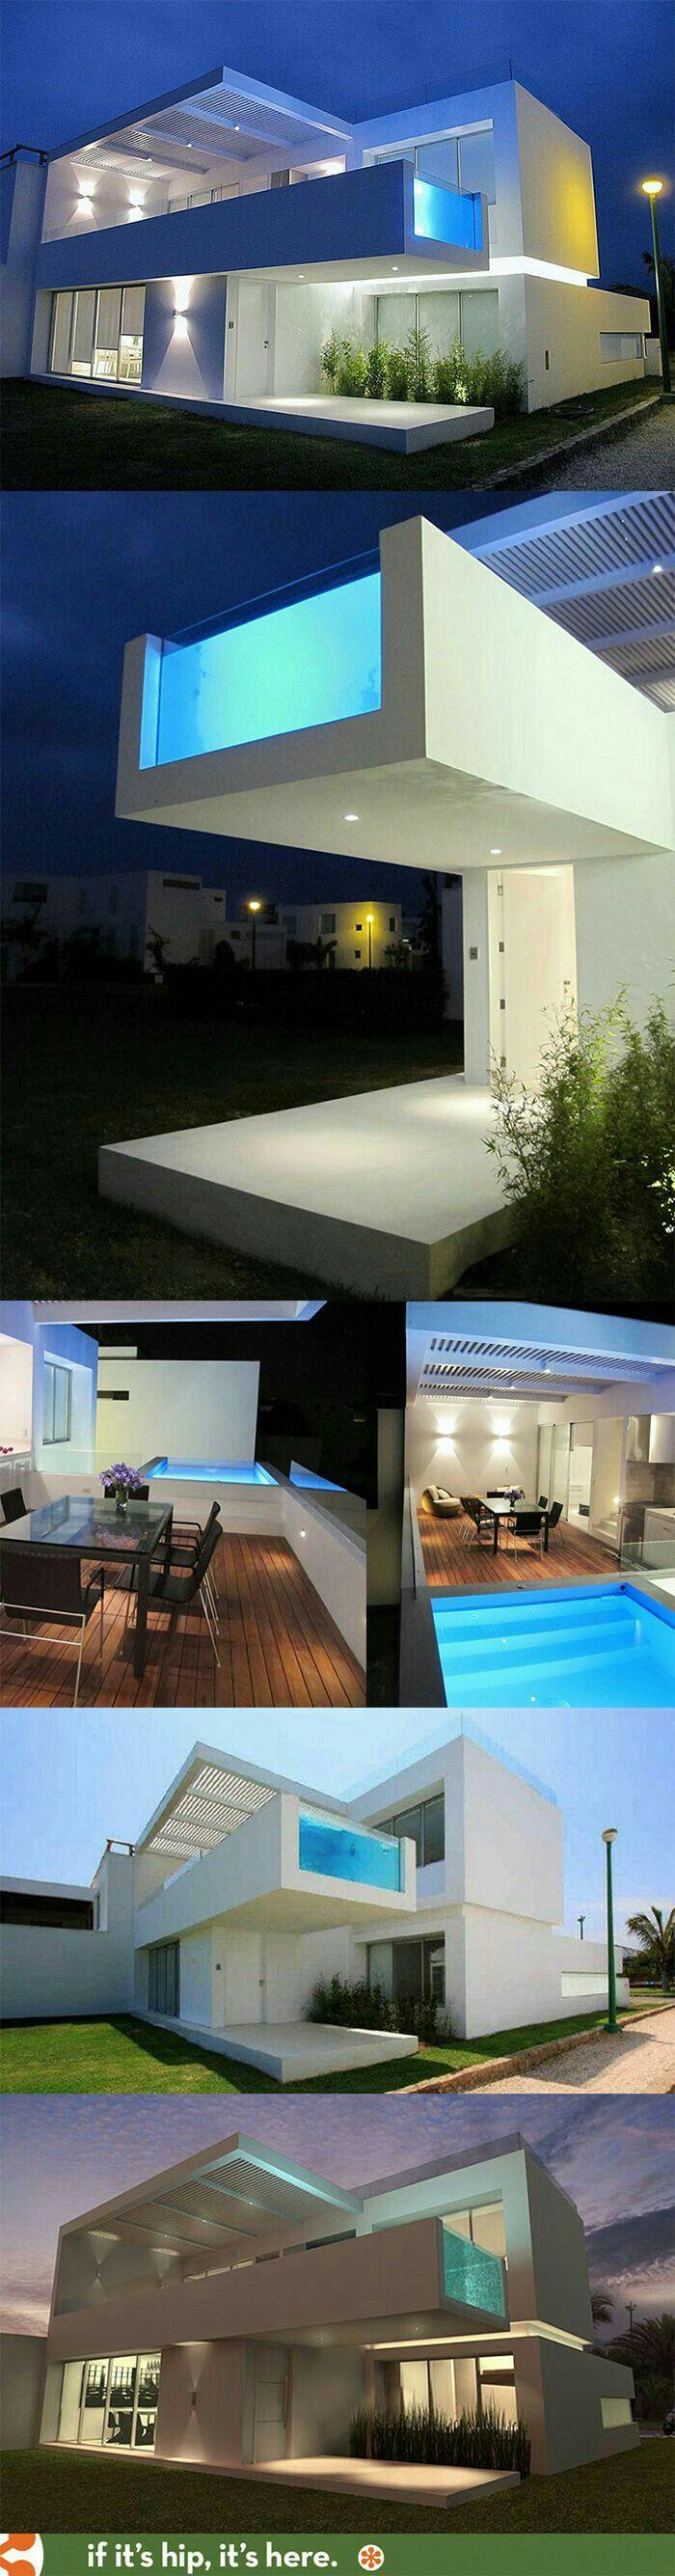 die besten 25 sonnenschutz strand ideen auf pinterest. Black Bedroom Furniture Sets. Home Design Ideas